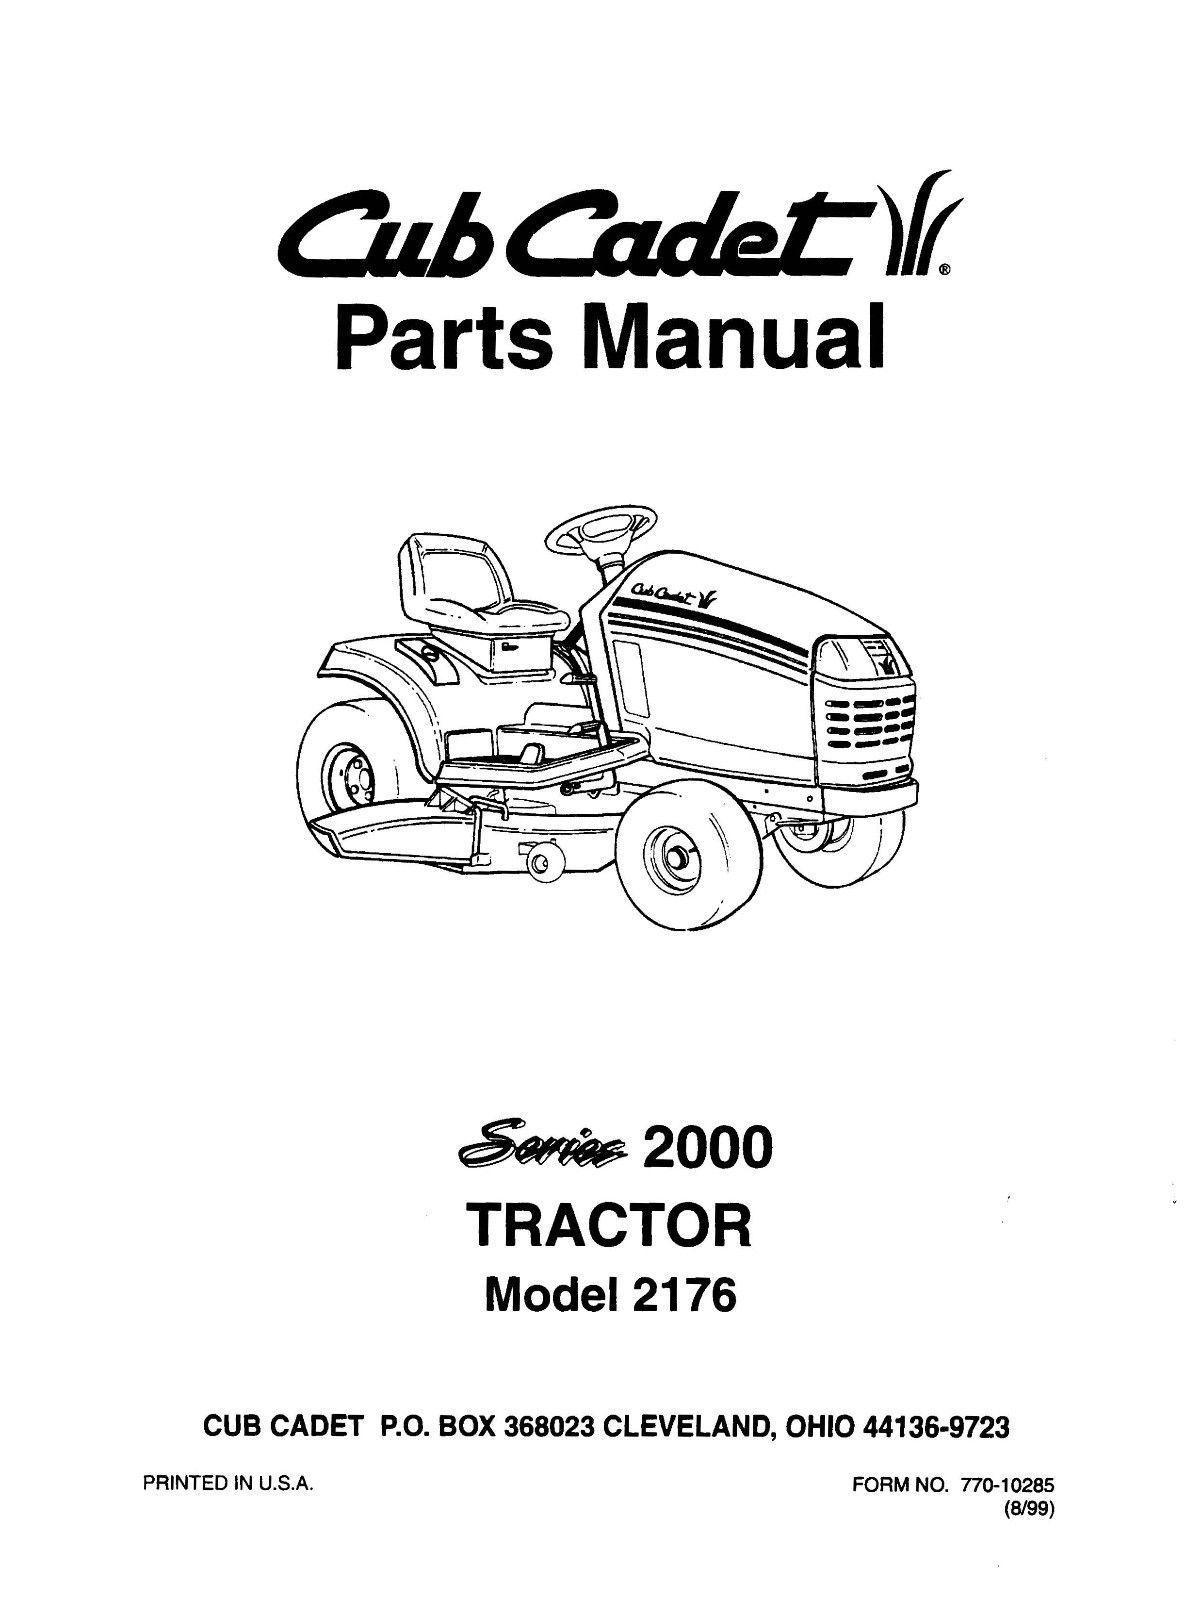 Cub Cadet 2000 Series Lawn Tractor Parts Manual Model No. 2176